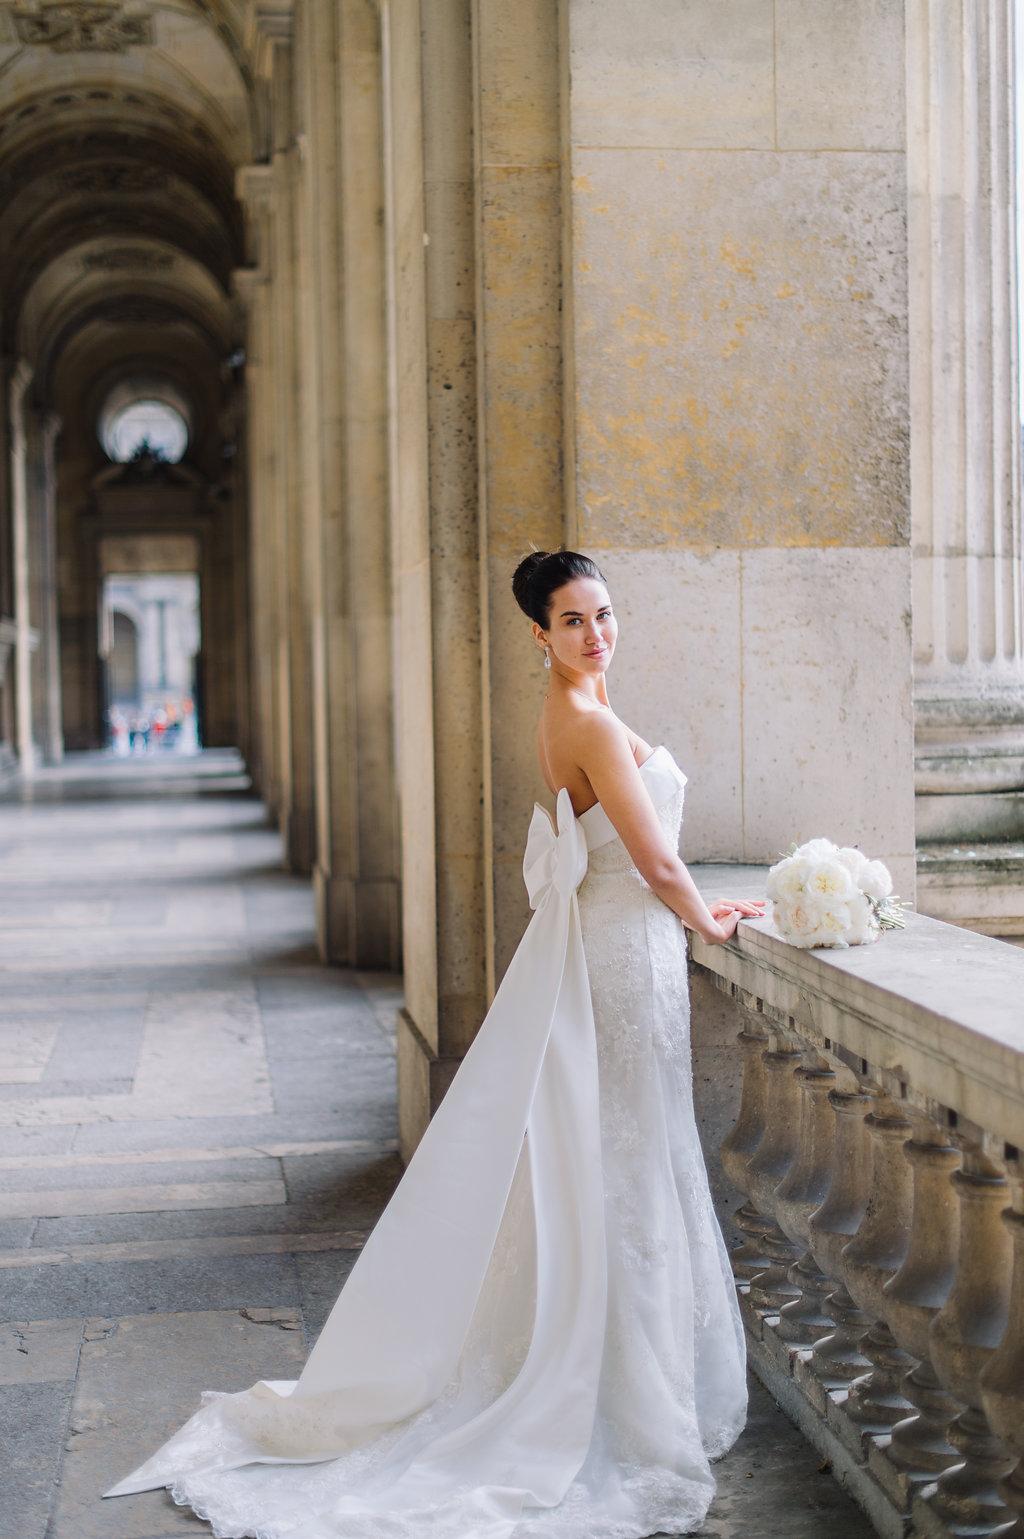 Свадебная церемония для двоих в Париже